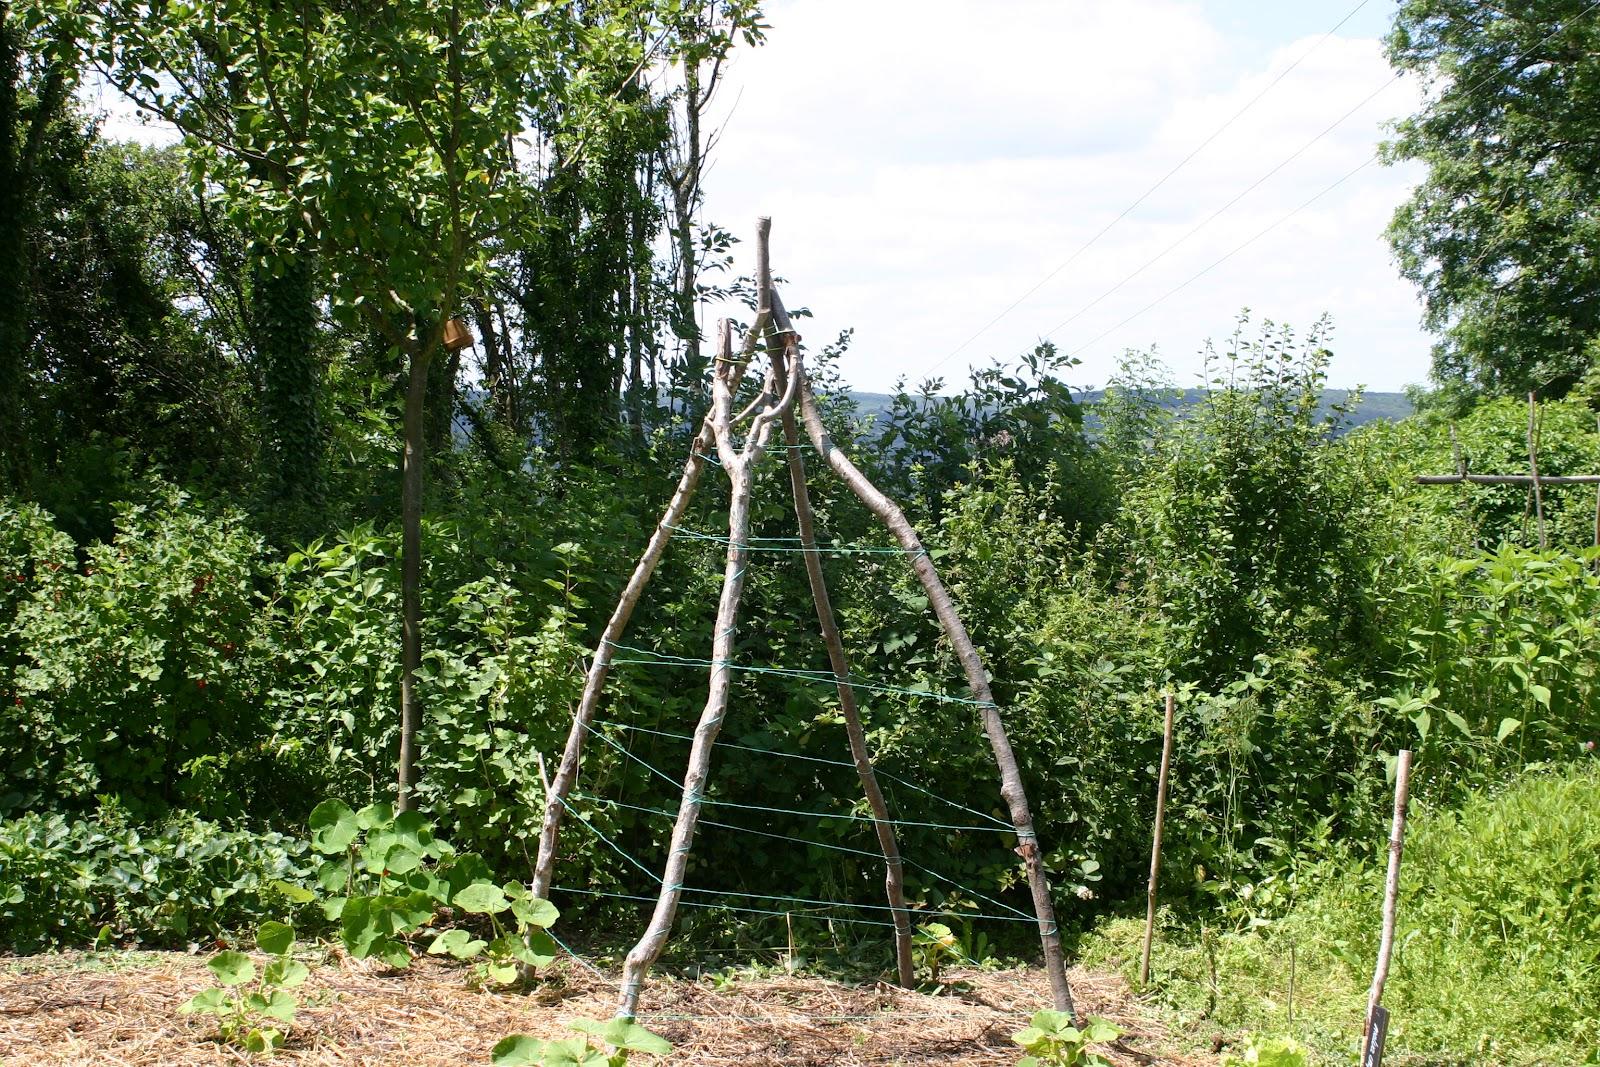 Permacultuur avontuur 19 verticaal tuinieren - Te nemen afscheiding ...